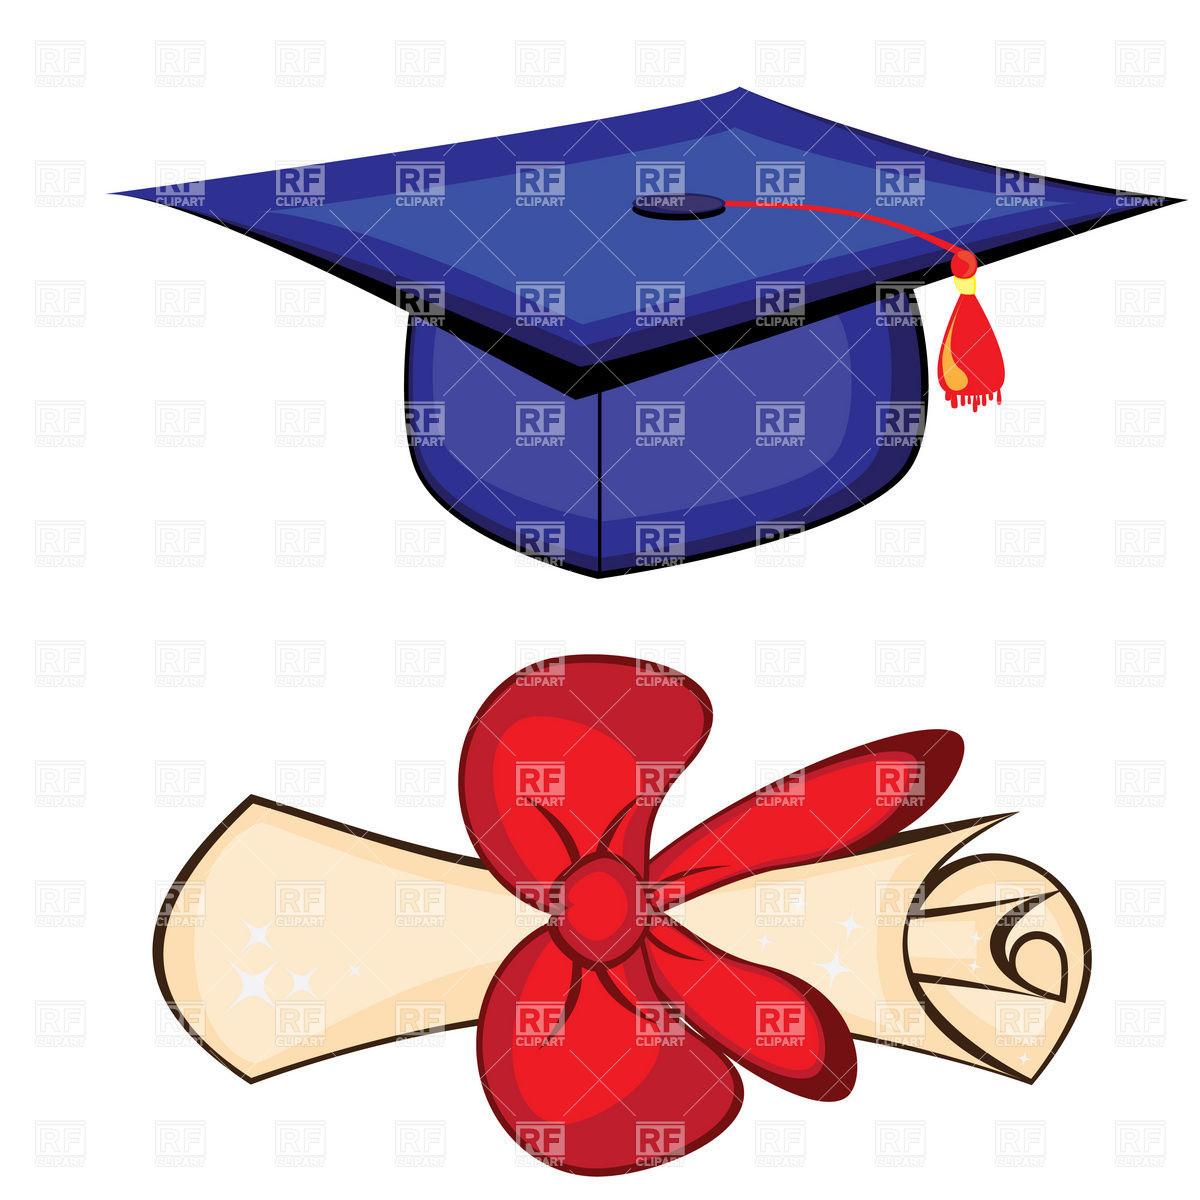 1200x1200 Square Academic Cap Graduation Ceremony Diploma Clip Art Best